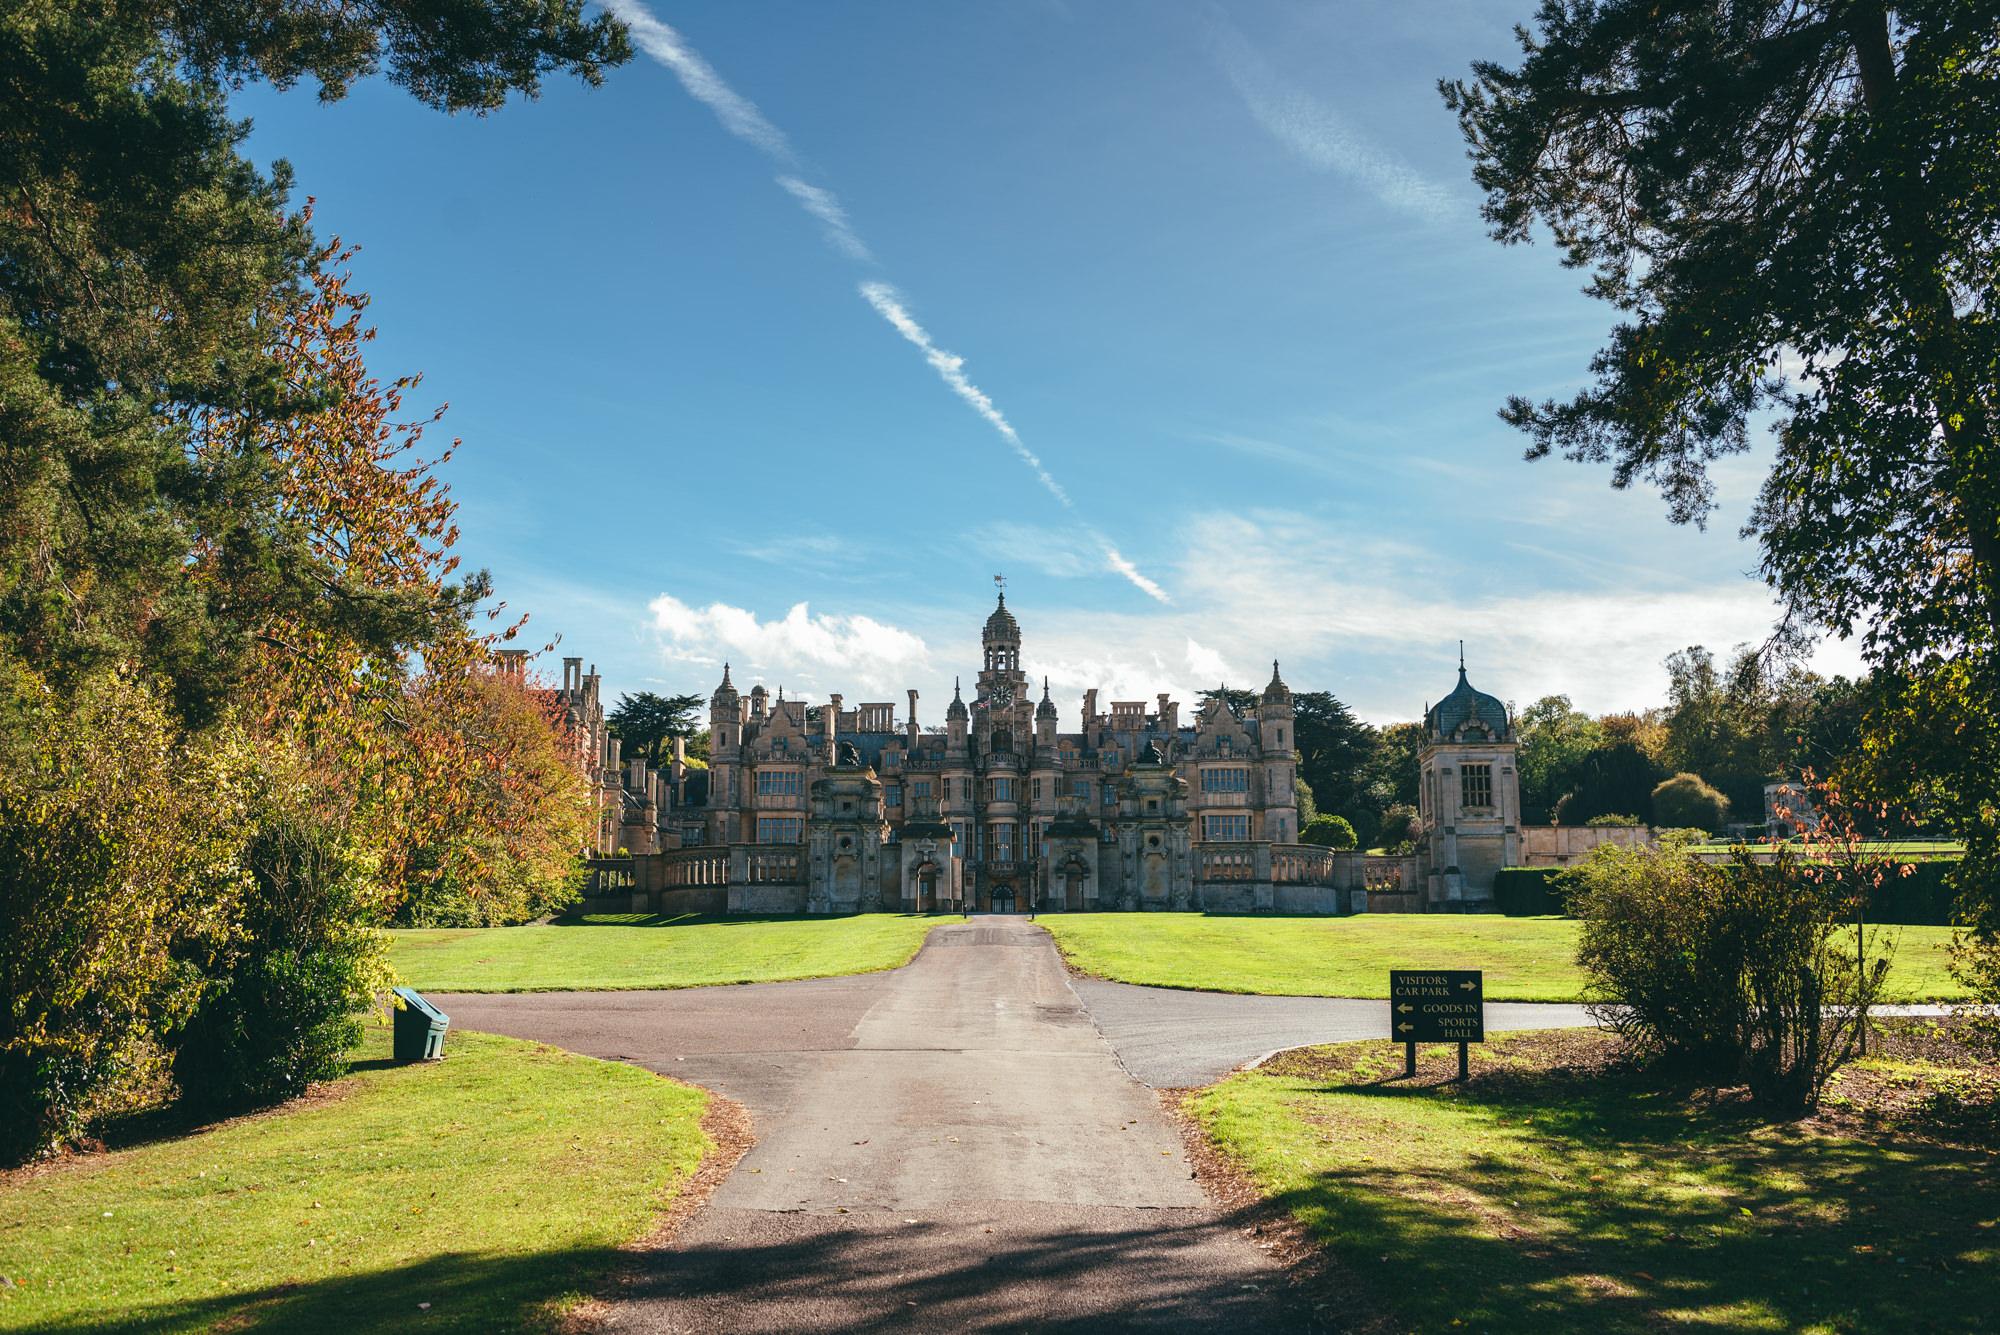 the long drive at Harlaxton Manor